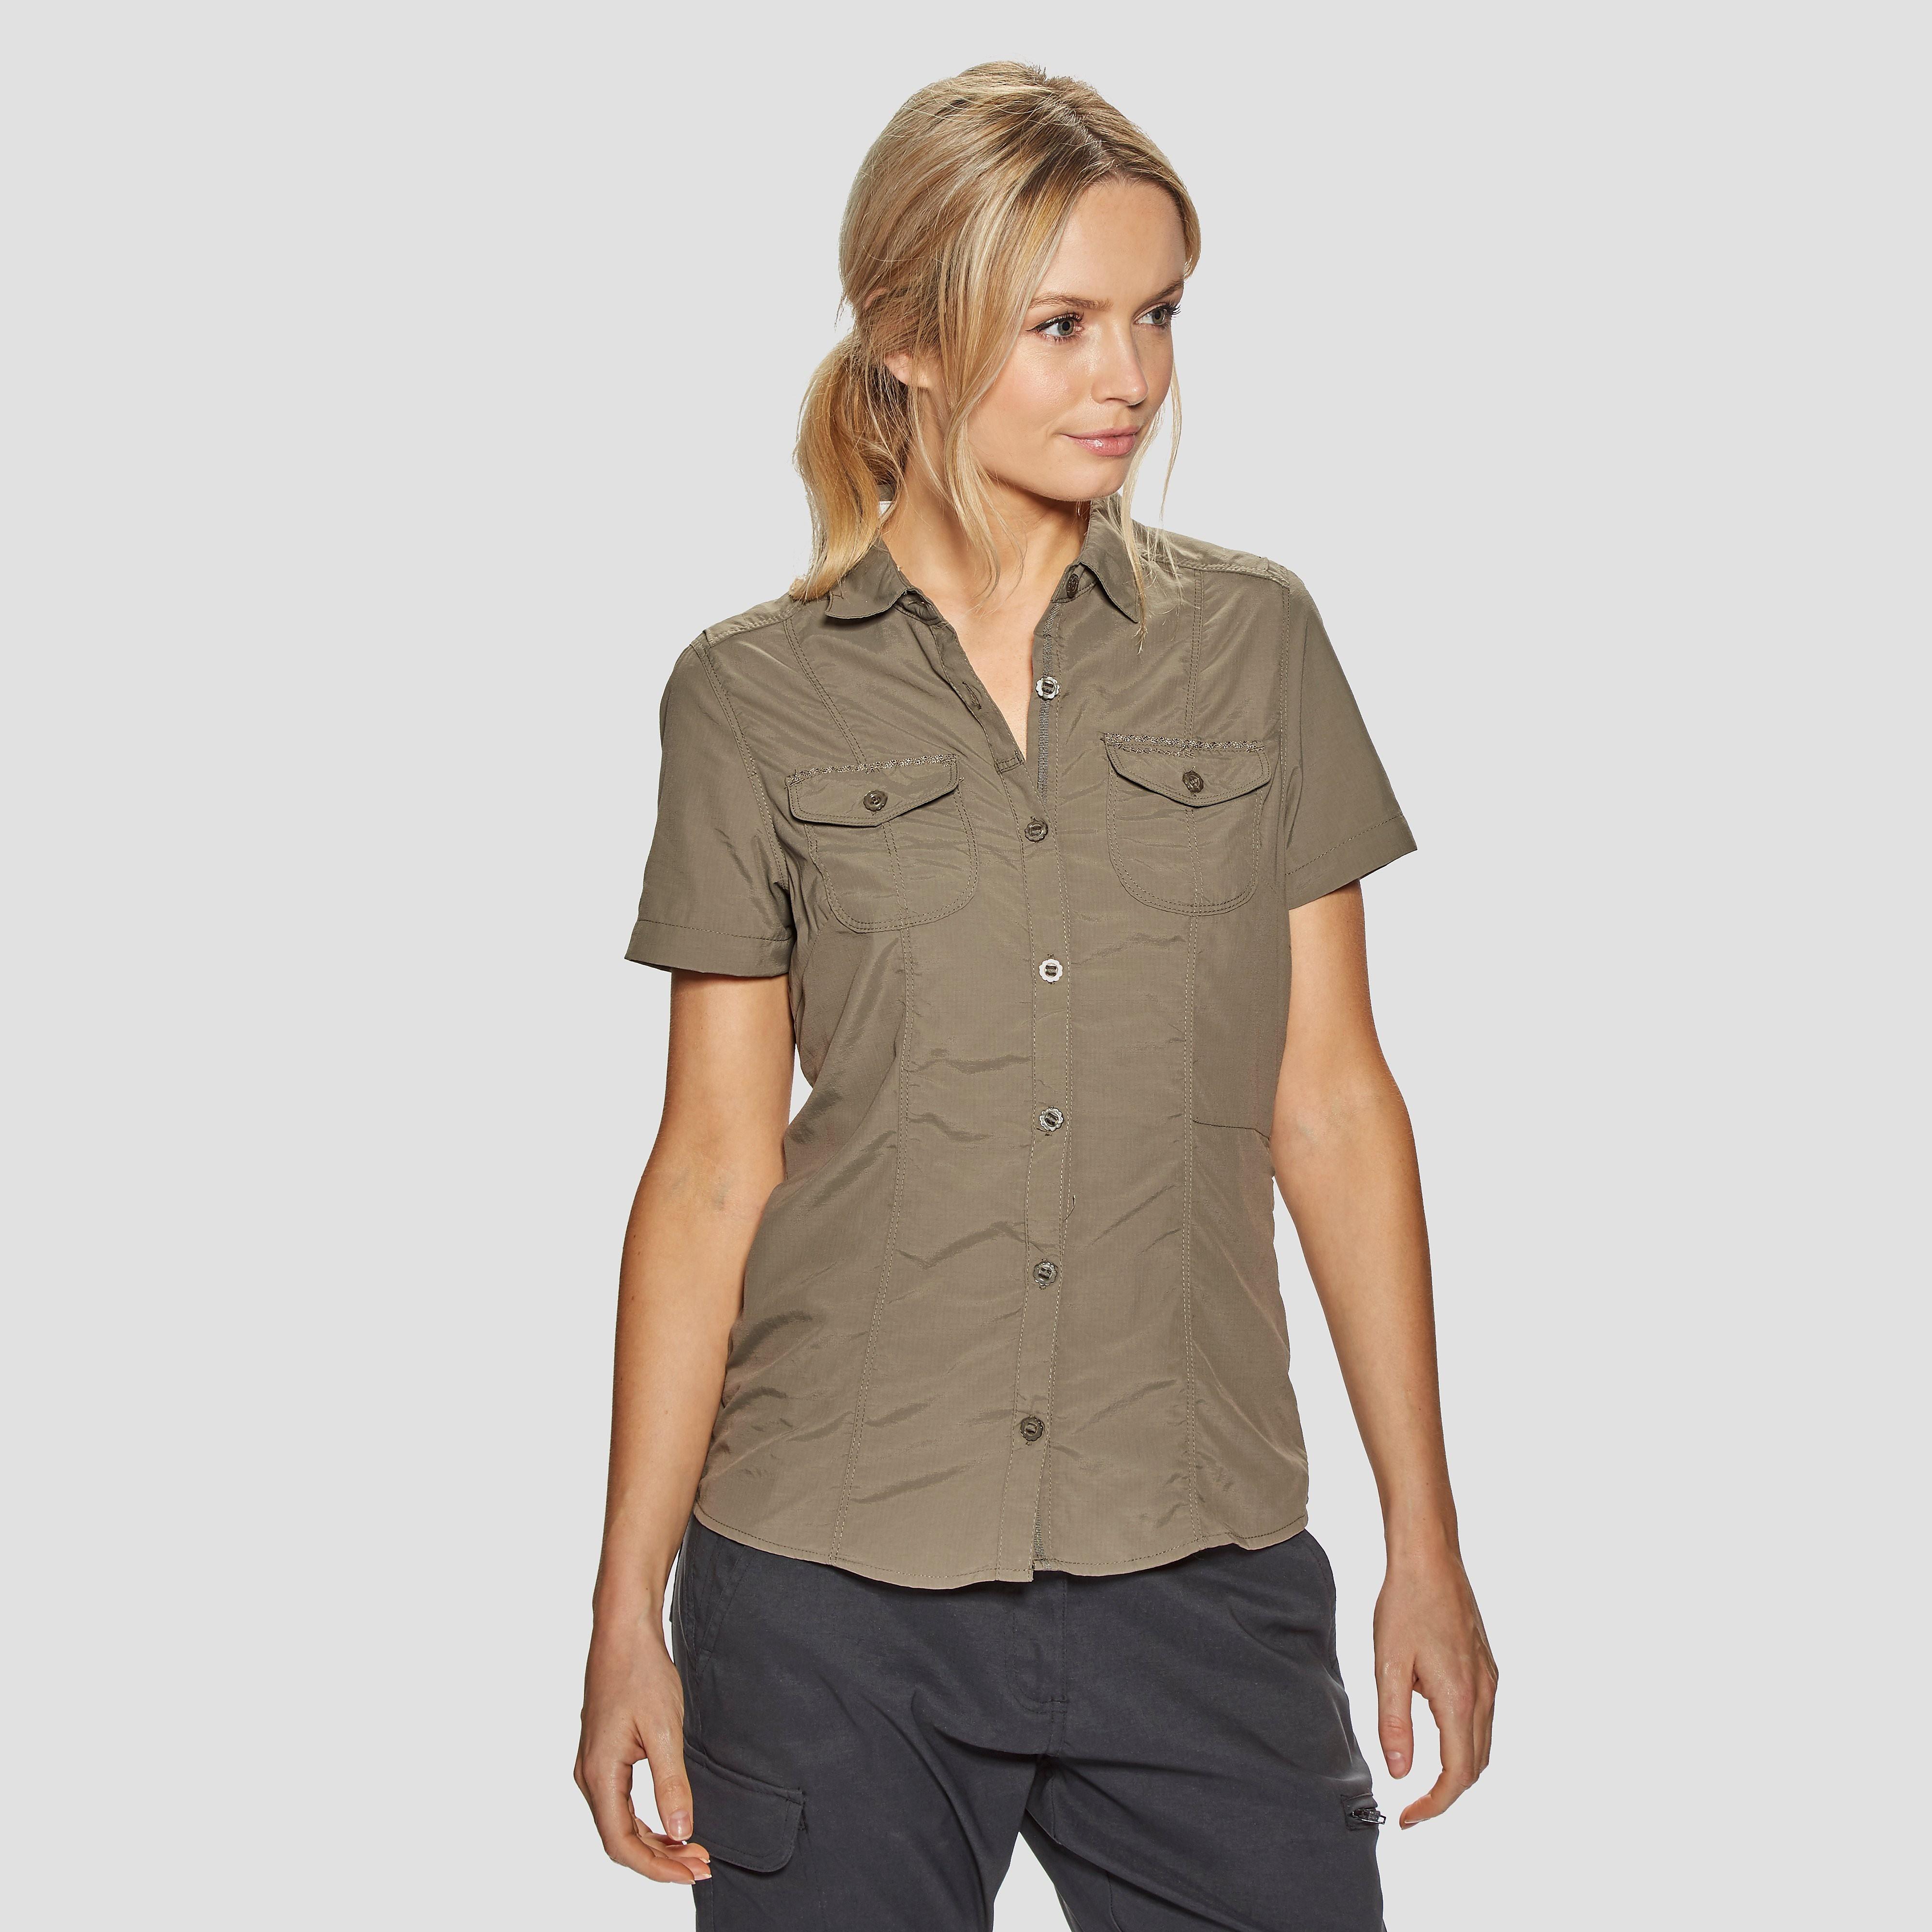 Craghoppers Nosilife Short Sleeve Women's Shirt